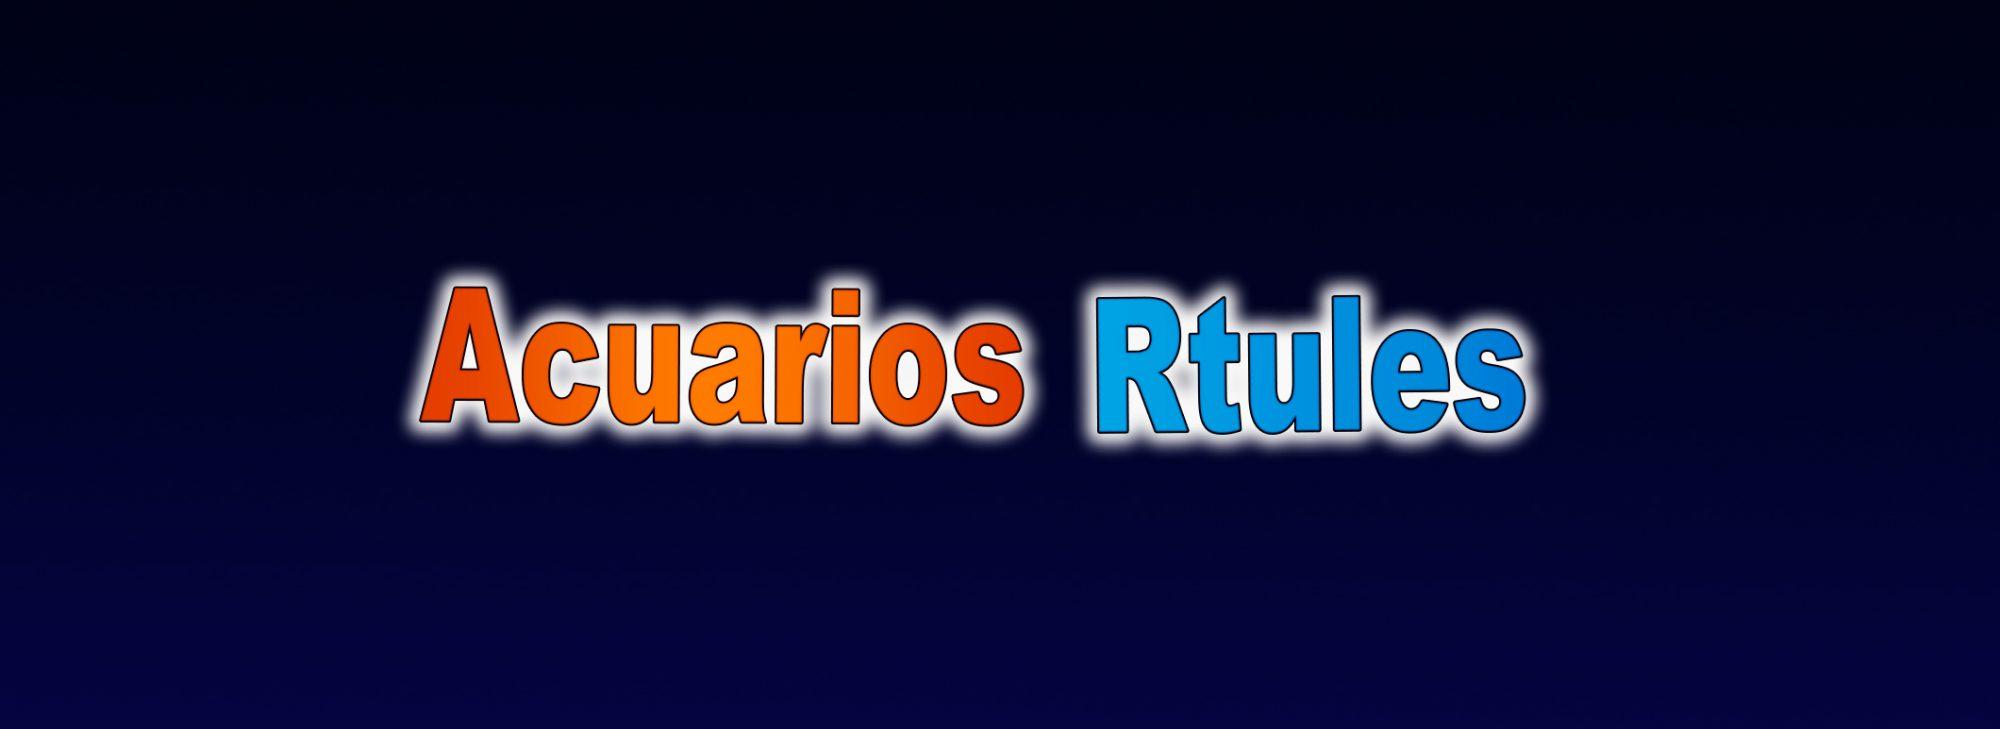 Acuarios Rtules